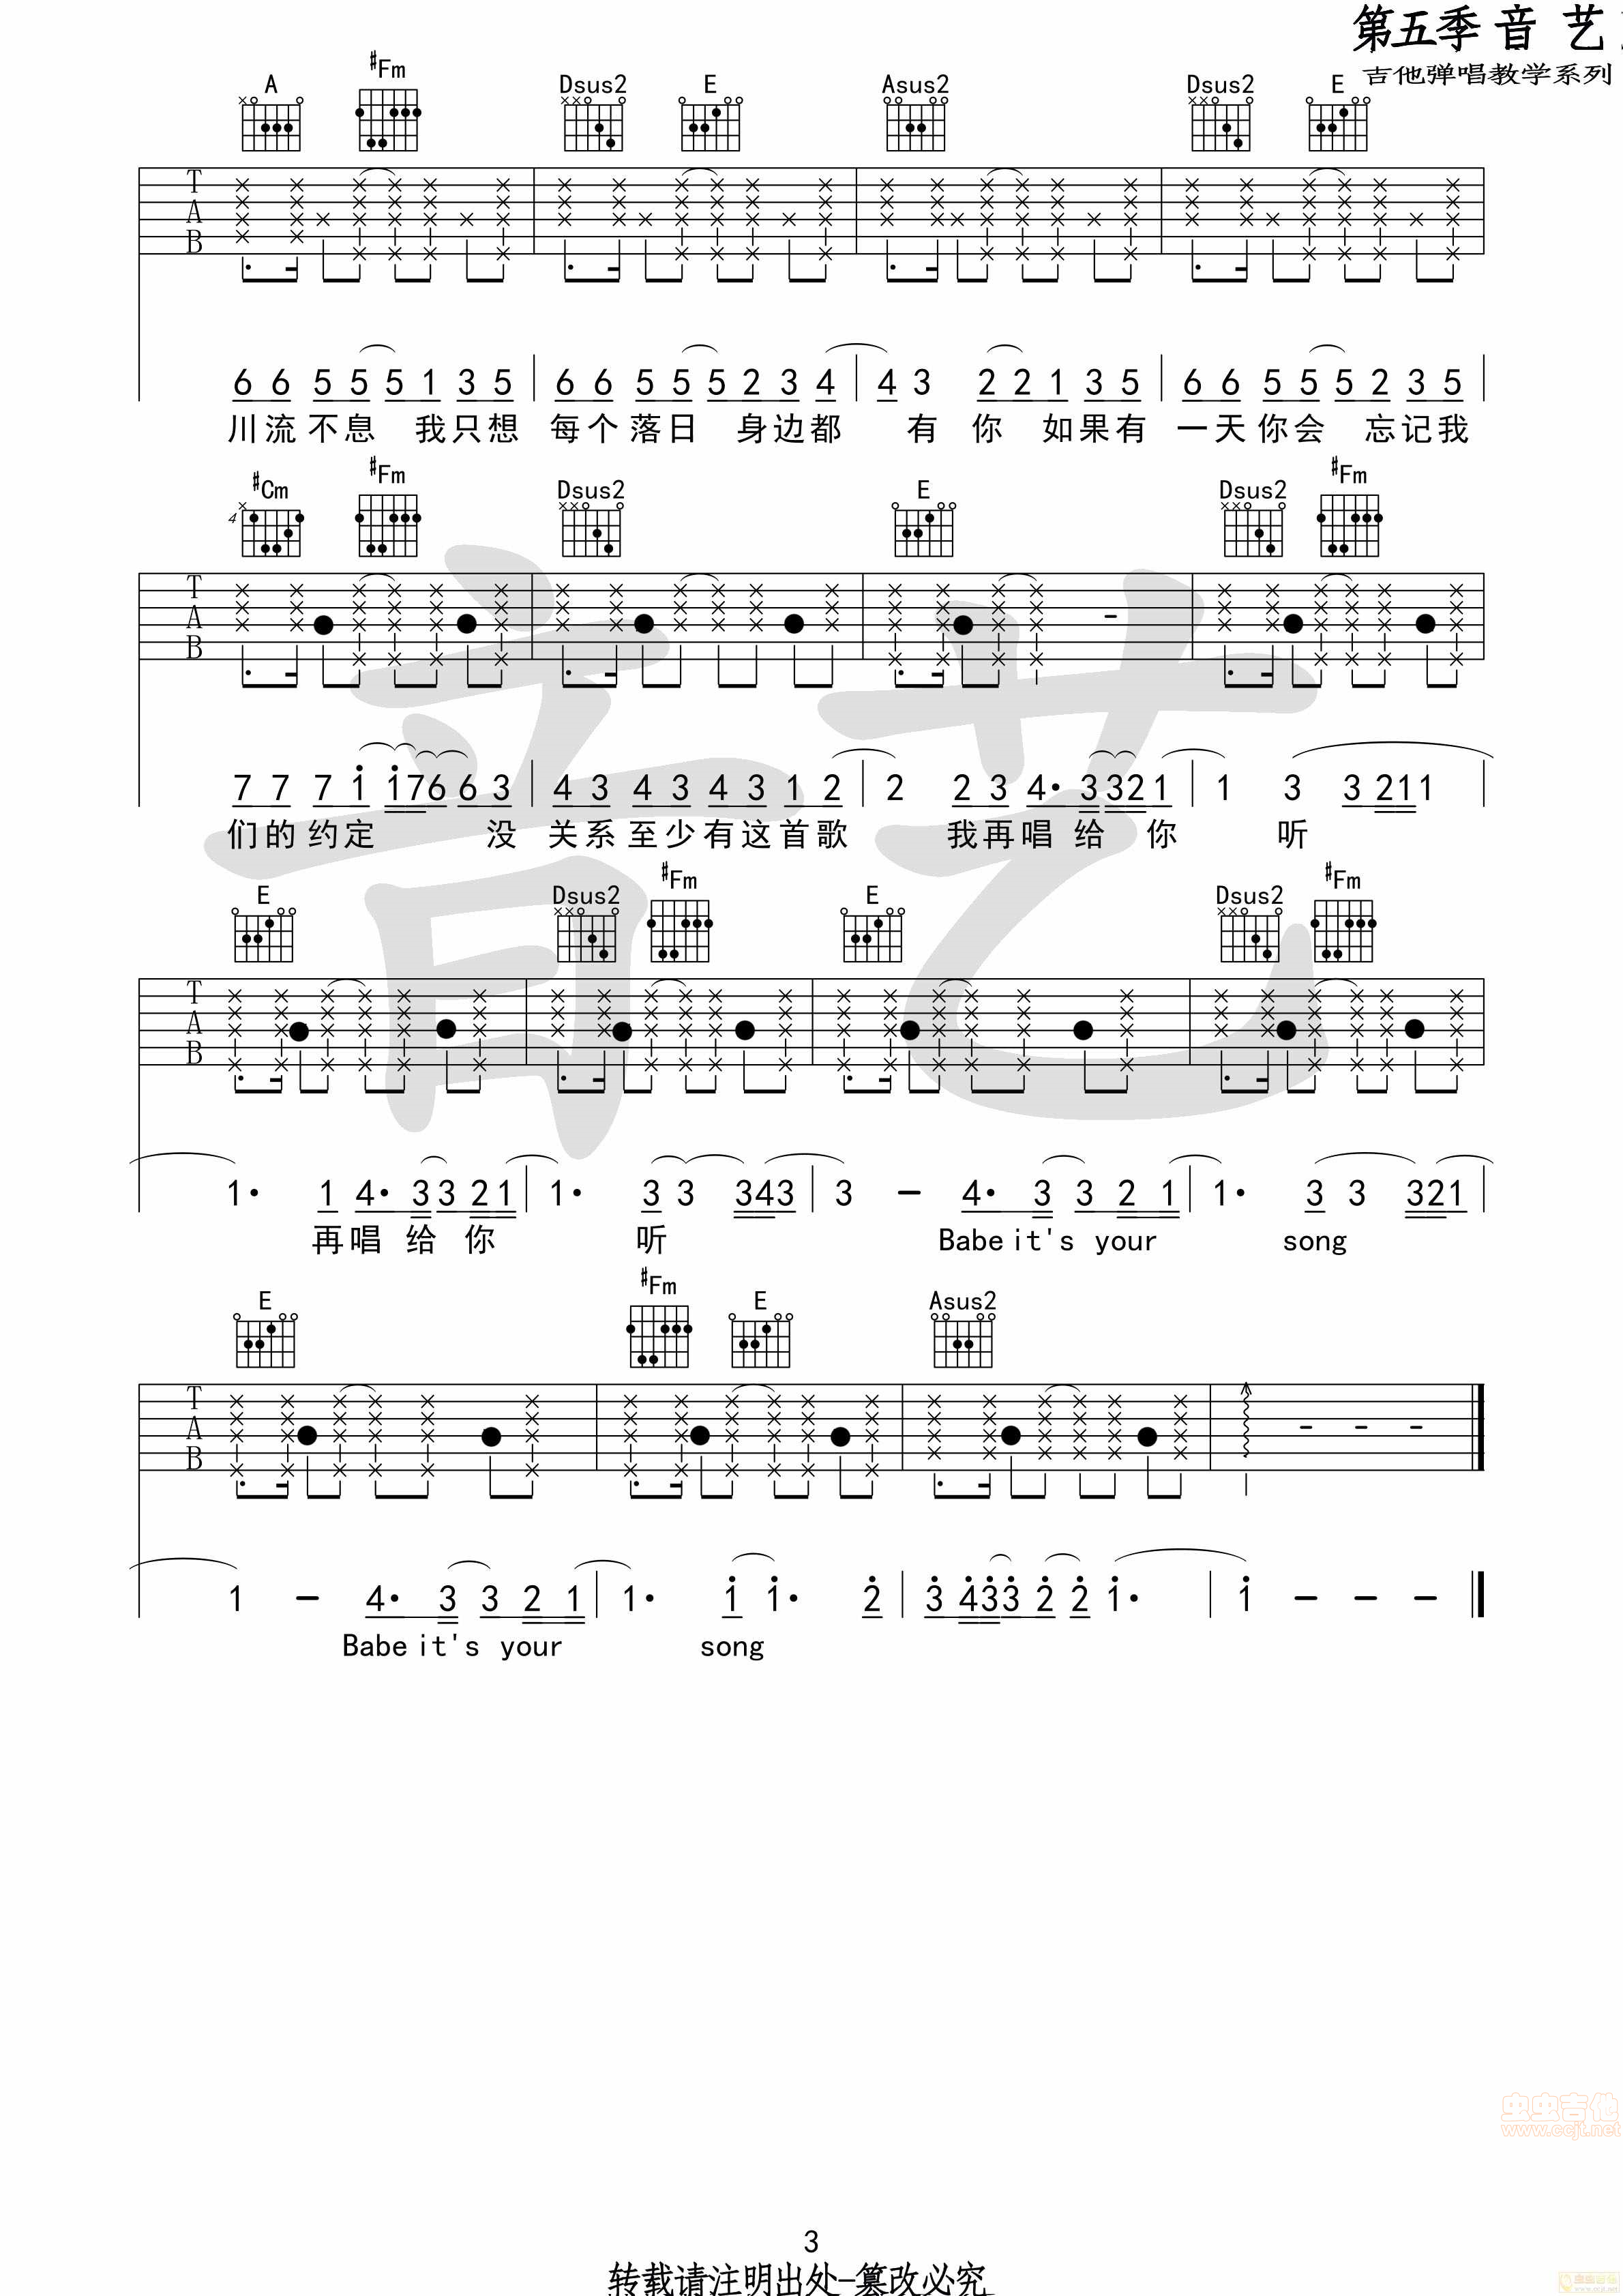 致爱your-song吉他谱_致爱 your songG调六线吉他谱-虫虫吉他谱免费下载